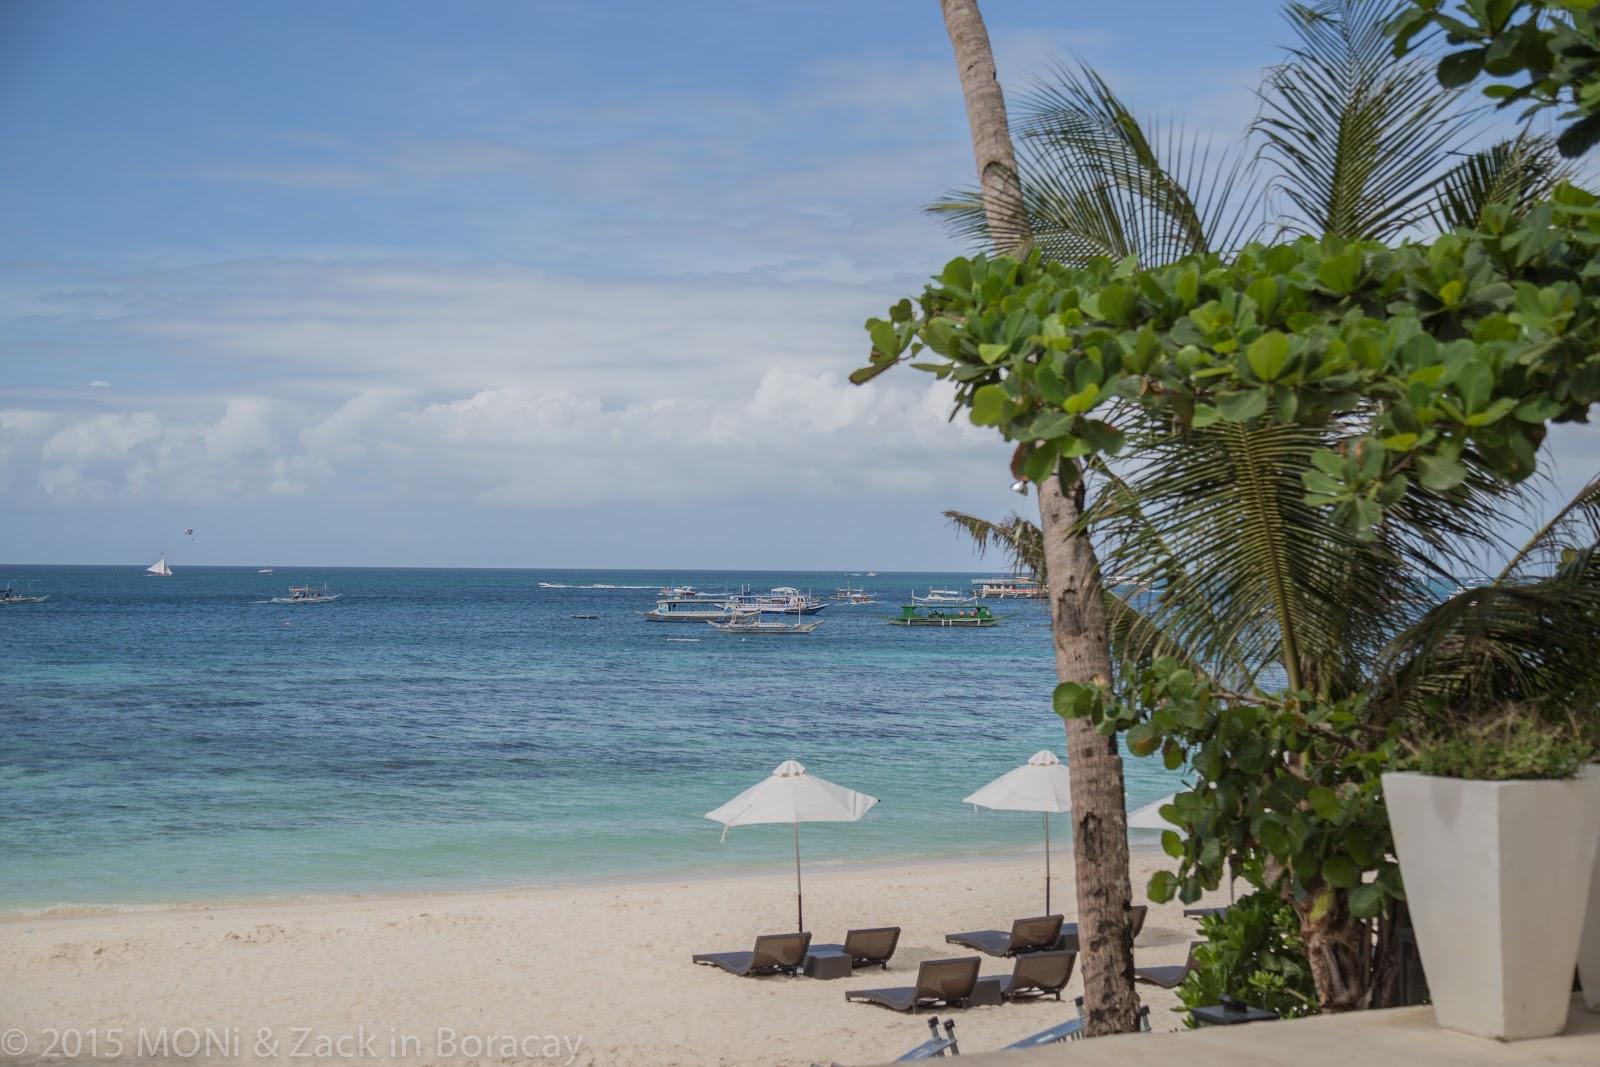 [遊記] 2015/11長灘島(Boracay)六天五夜自由行Day4-Asya-uptown-wave @ 聽我說說畫 :: 痞客邦